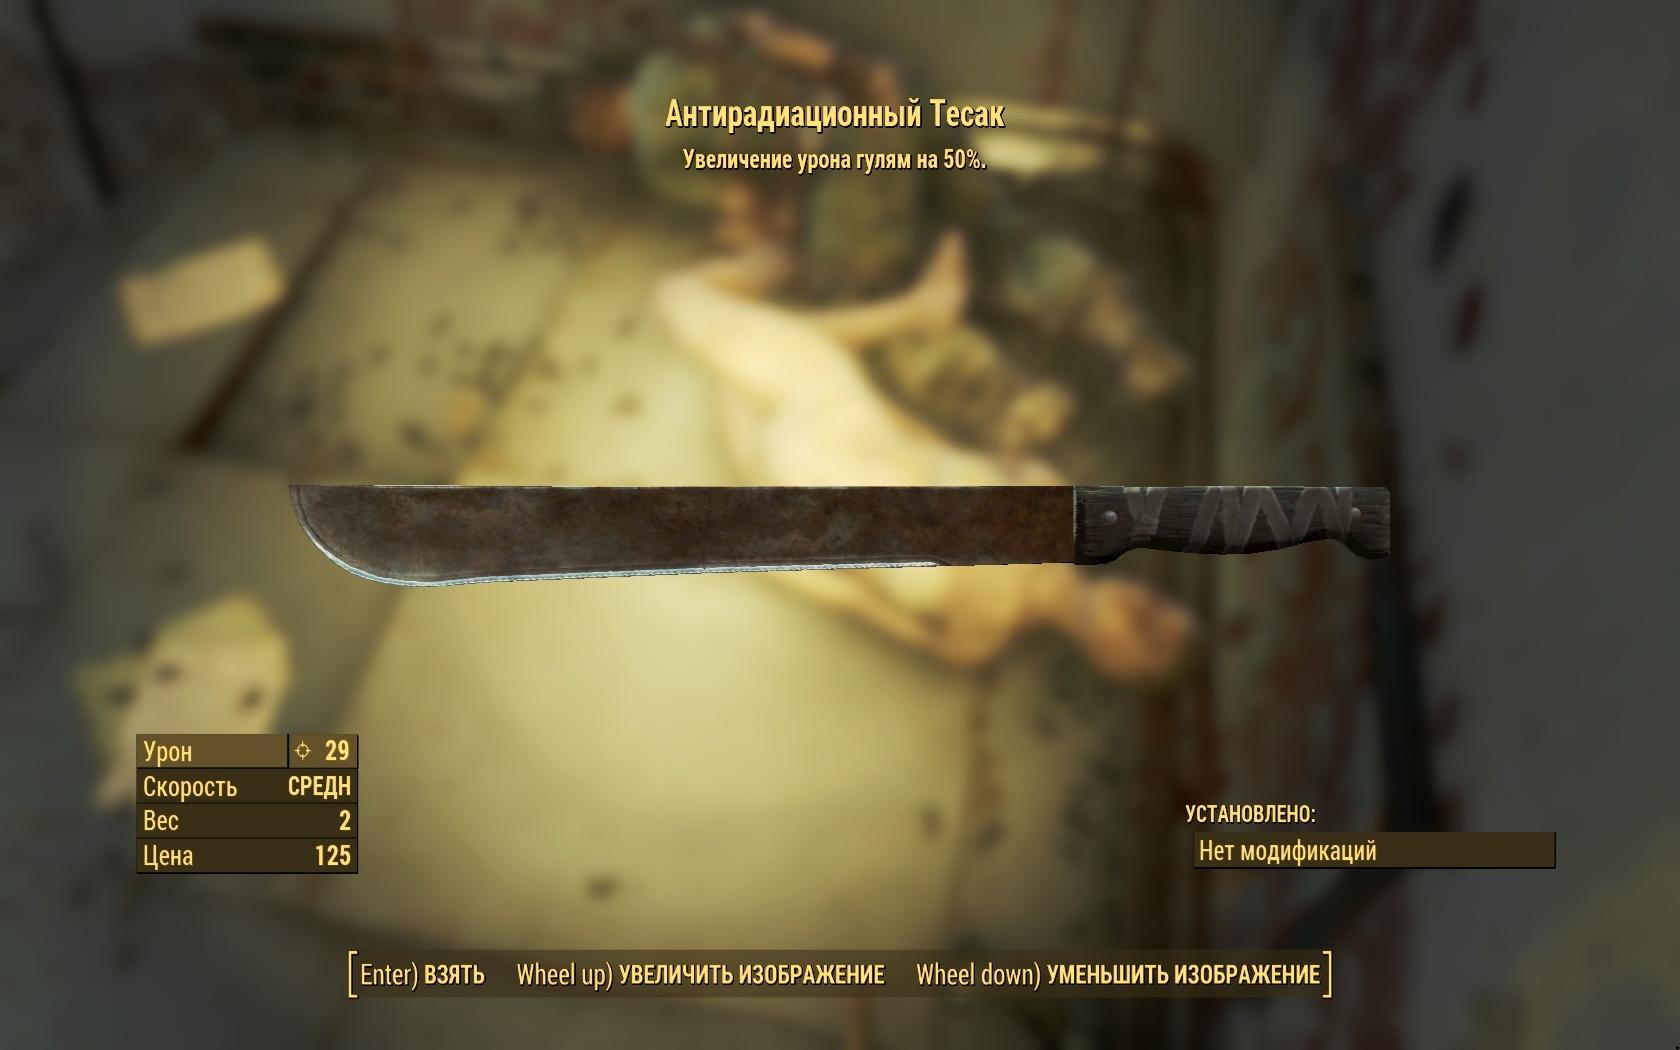 Антирадиационный тесак - Fallout 4 Антирадиационный, Оружие, тесак